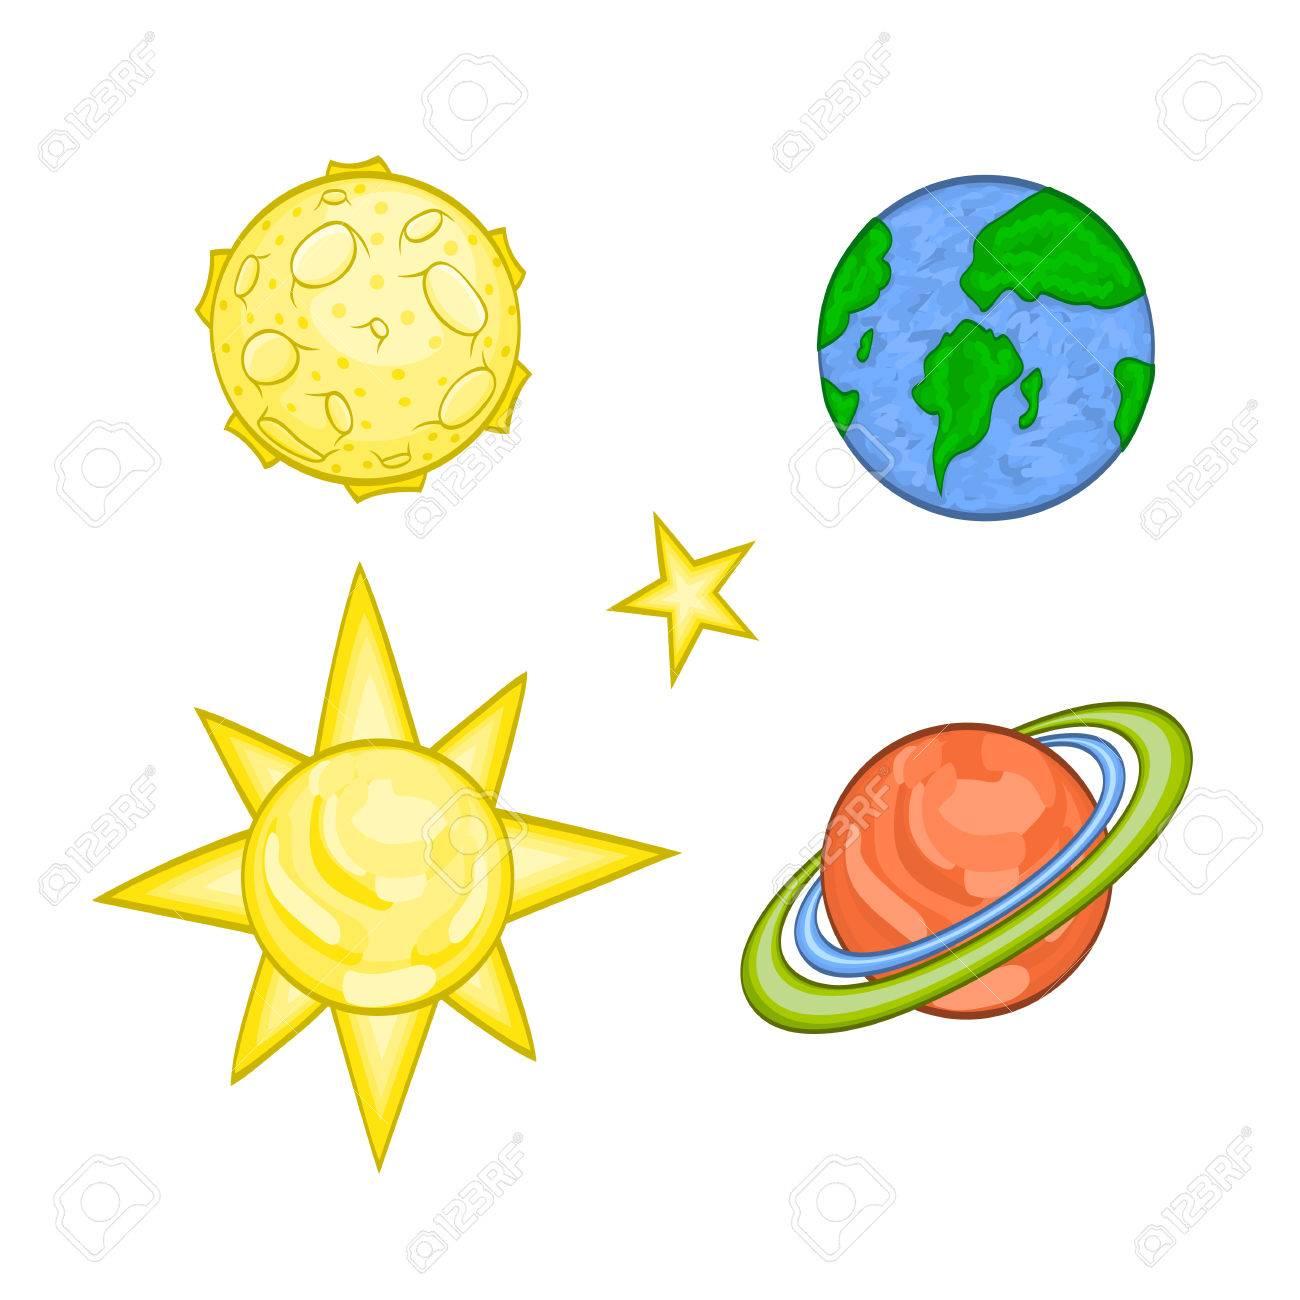 Planete Dessin Anime Vecteur Spatial Clip Art Libres De Droits Vecteurs Et Illustration Image 70903885